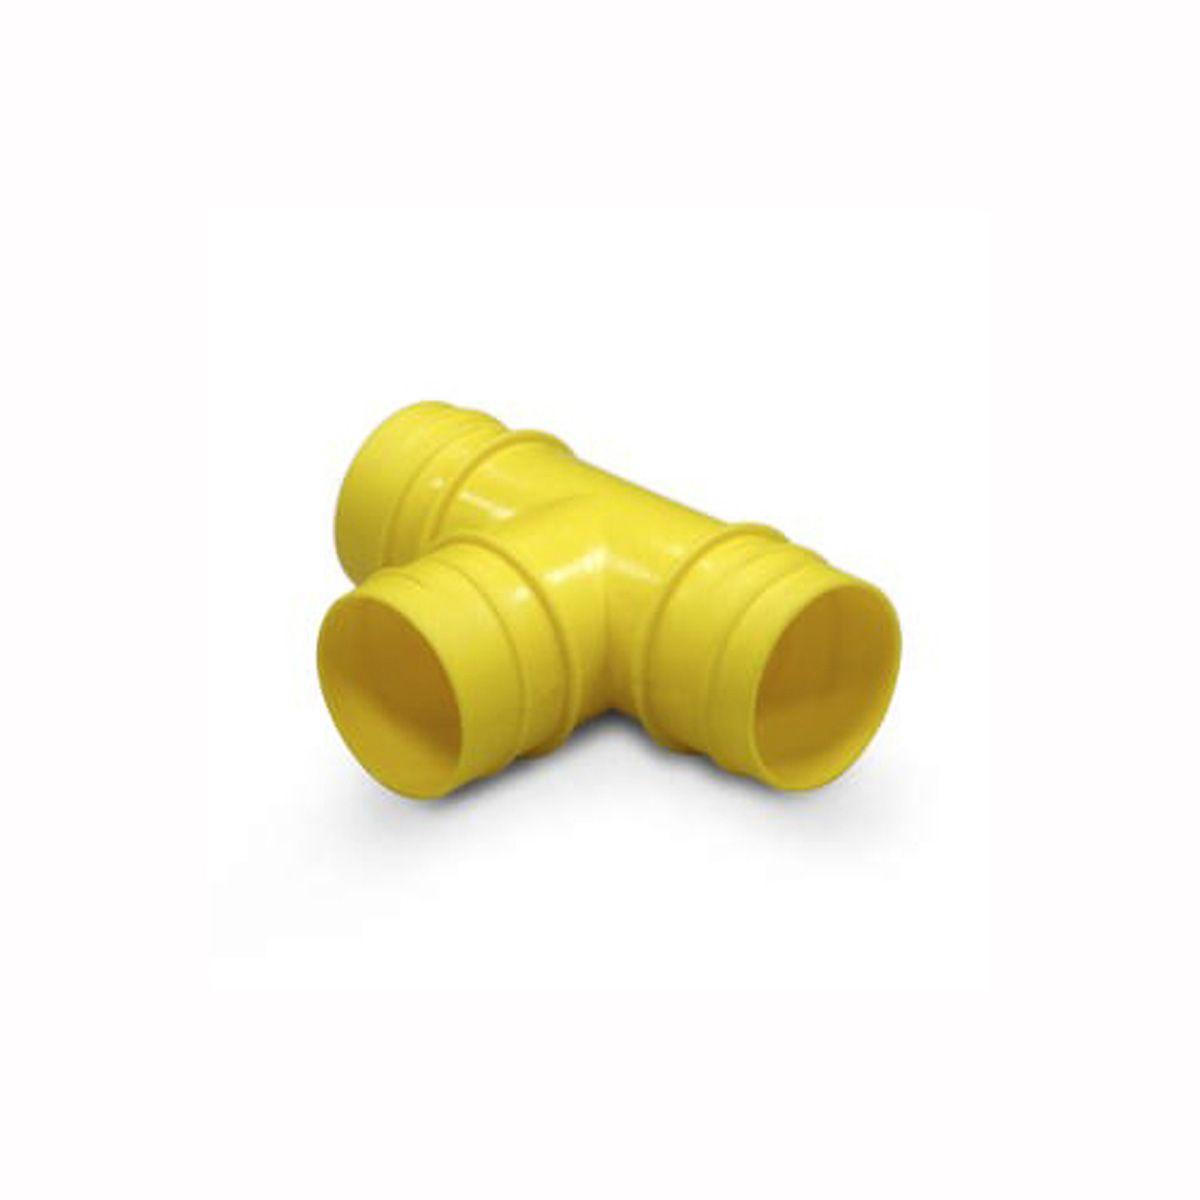 T-Verteiler mit Aussengewinde, aus PVC, gelb,